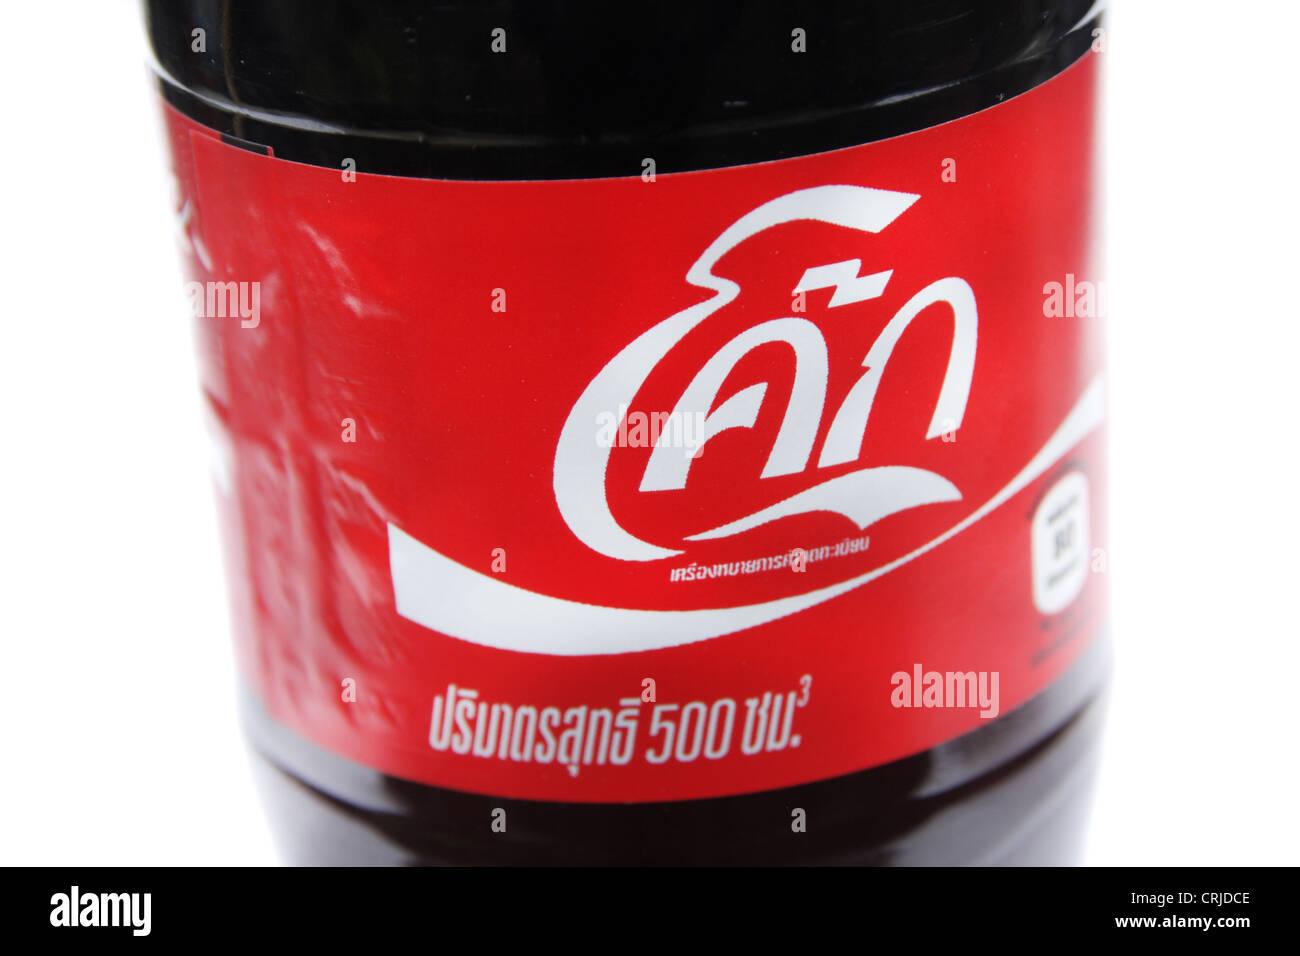 coca cola logo bottle stock photos amp coca cola logo bottle